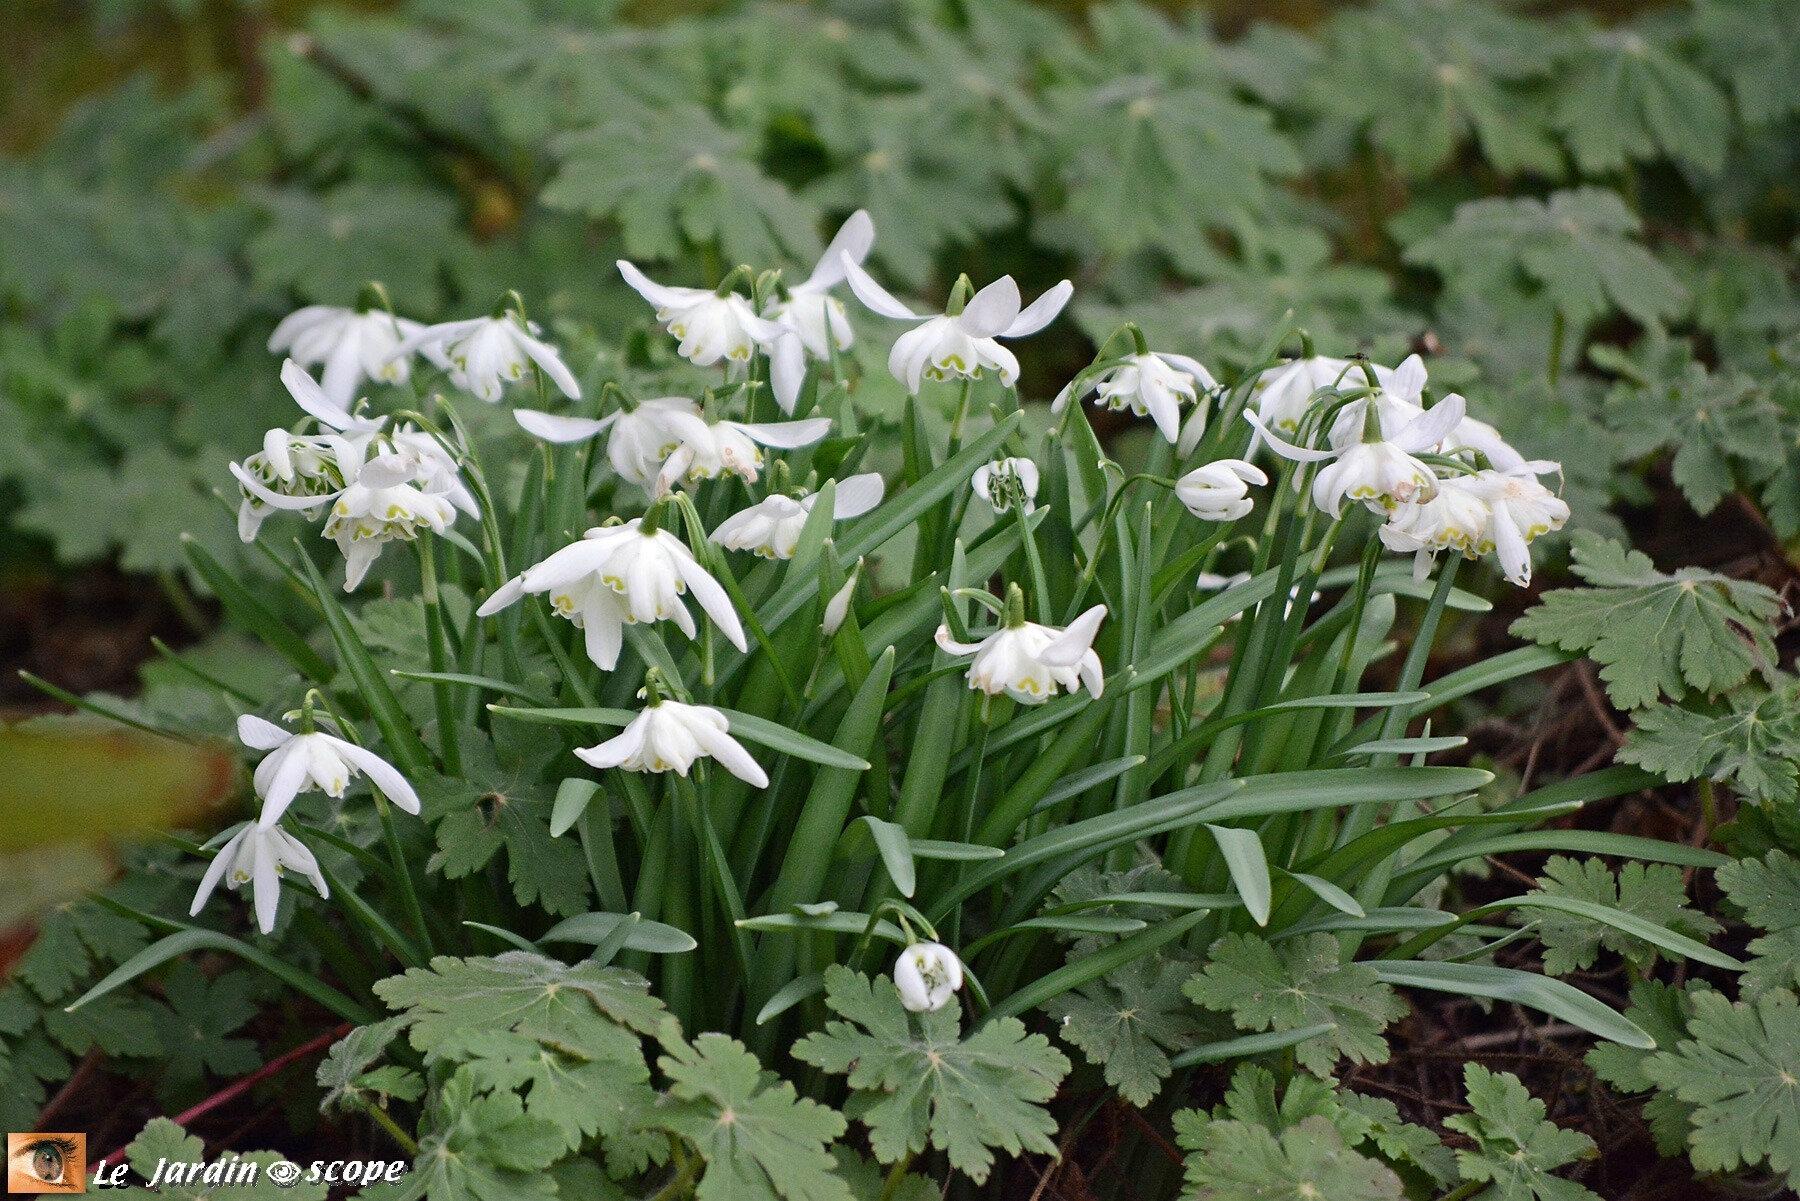 Leurs petites fleurs doubles blanches bravent les frimas...